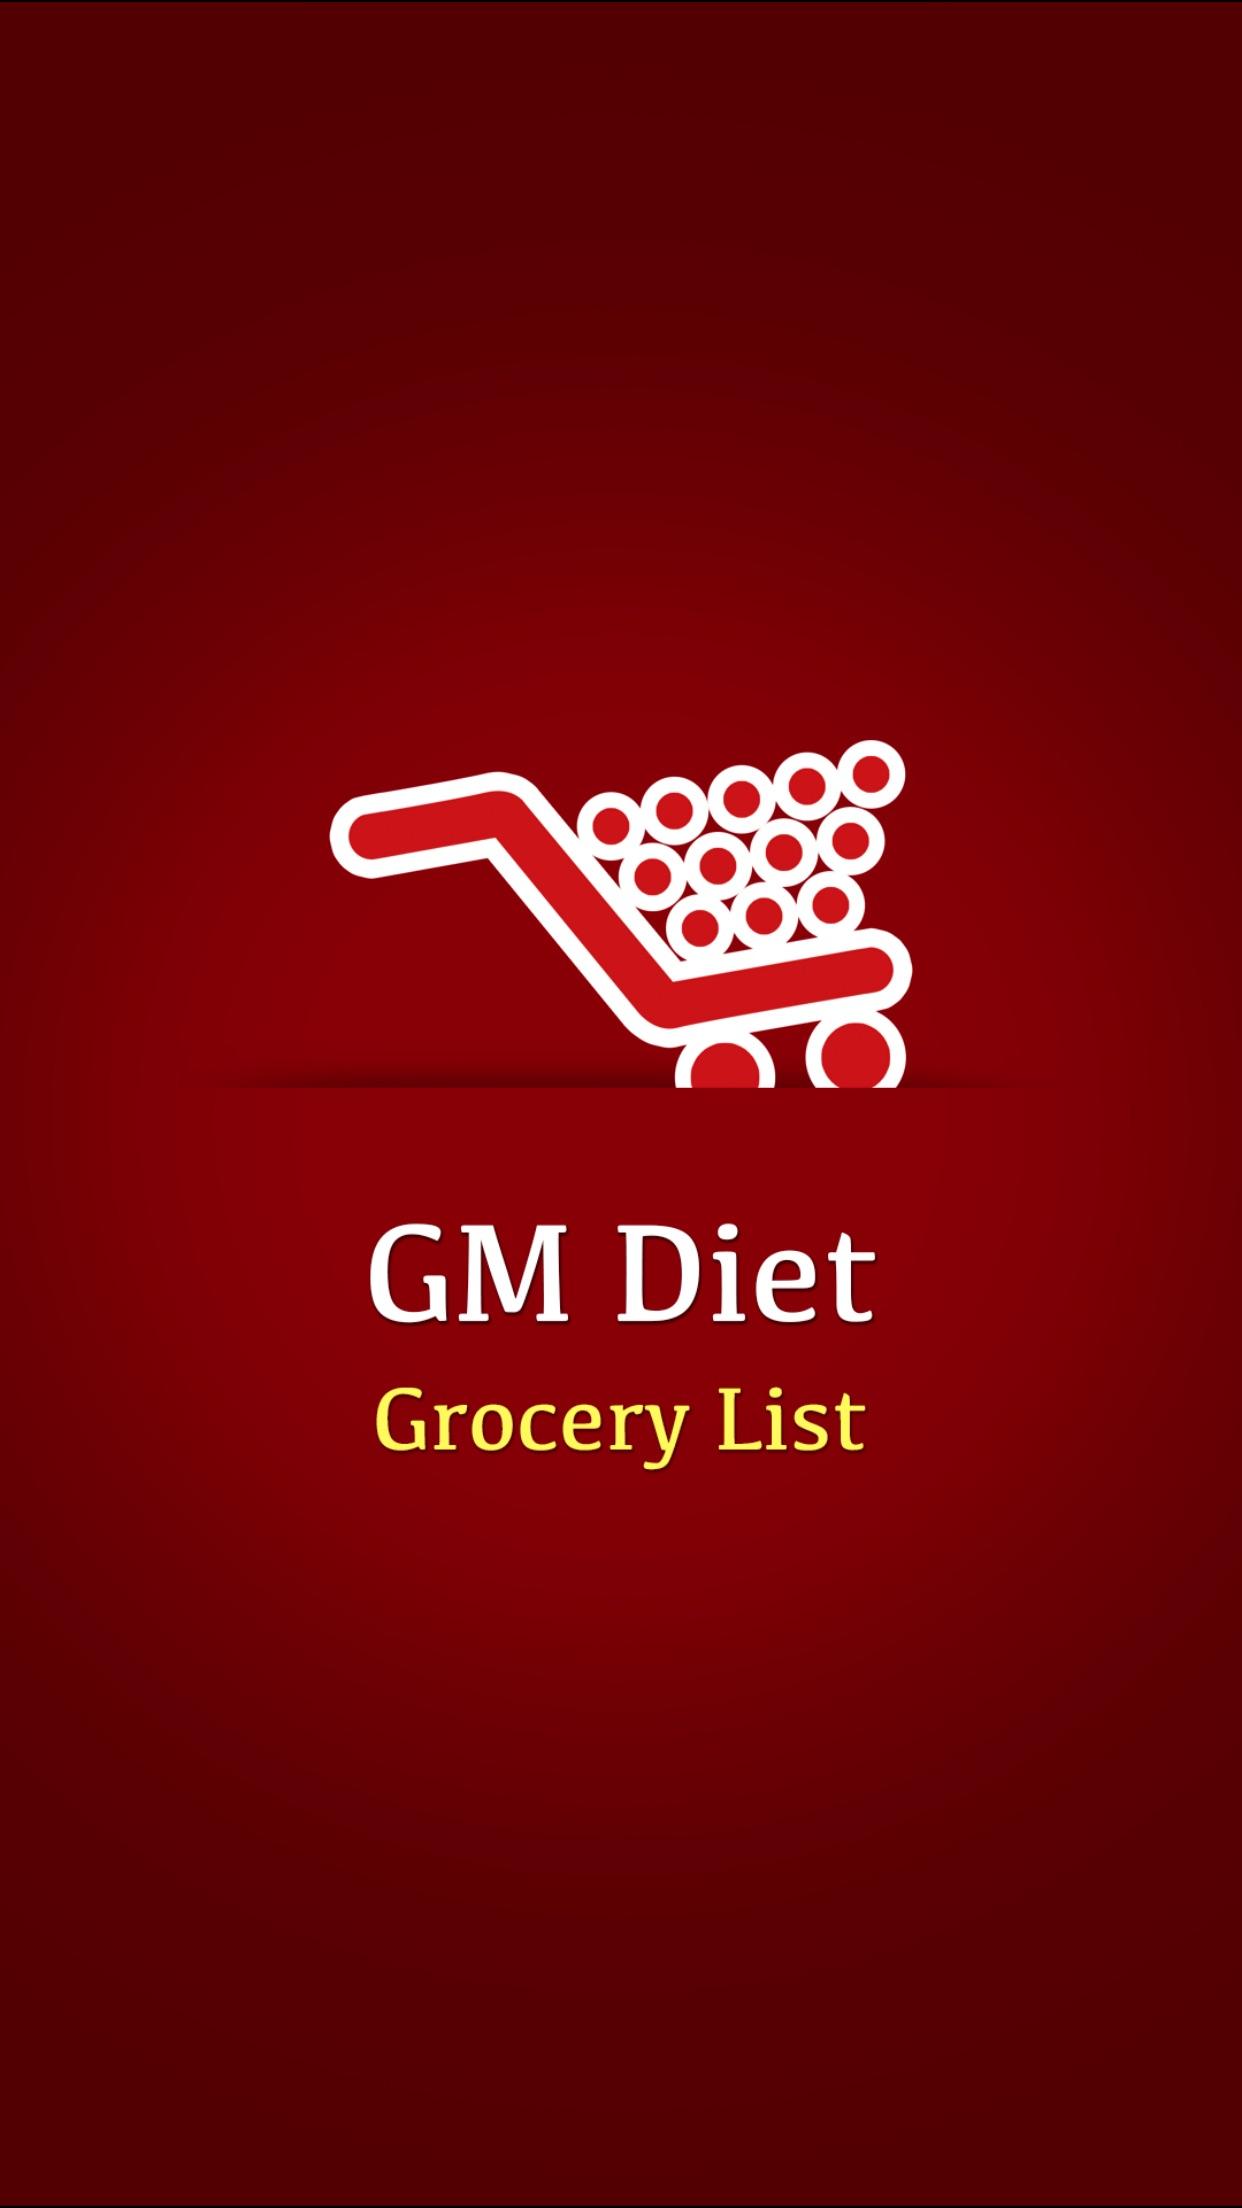 GM Diet Grocery List Screenshot